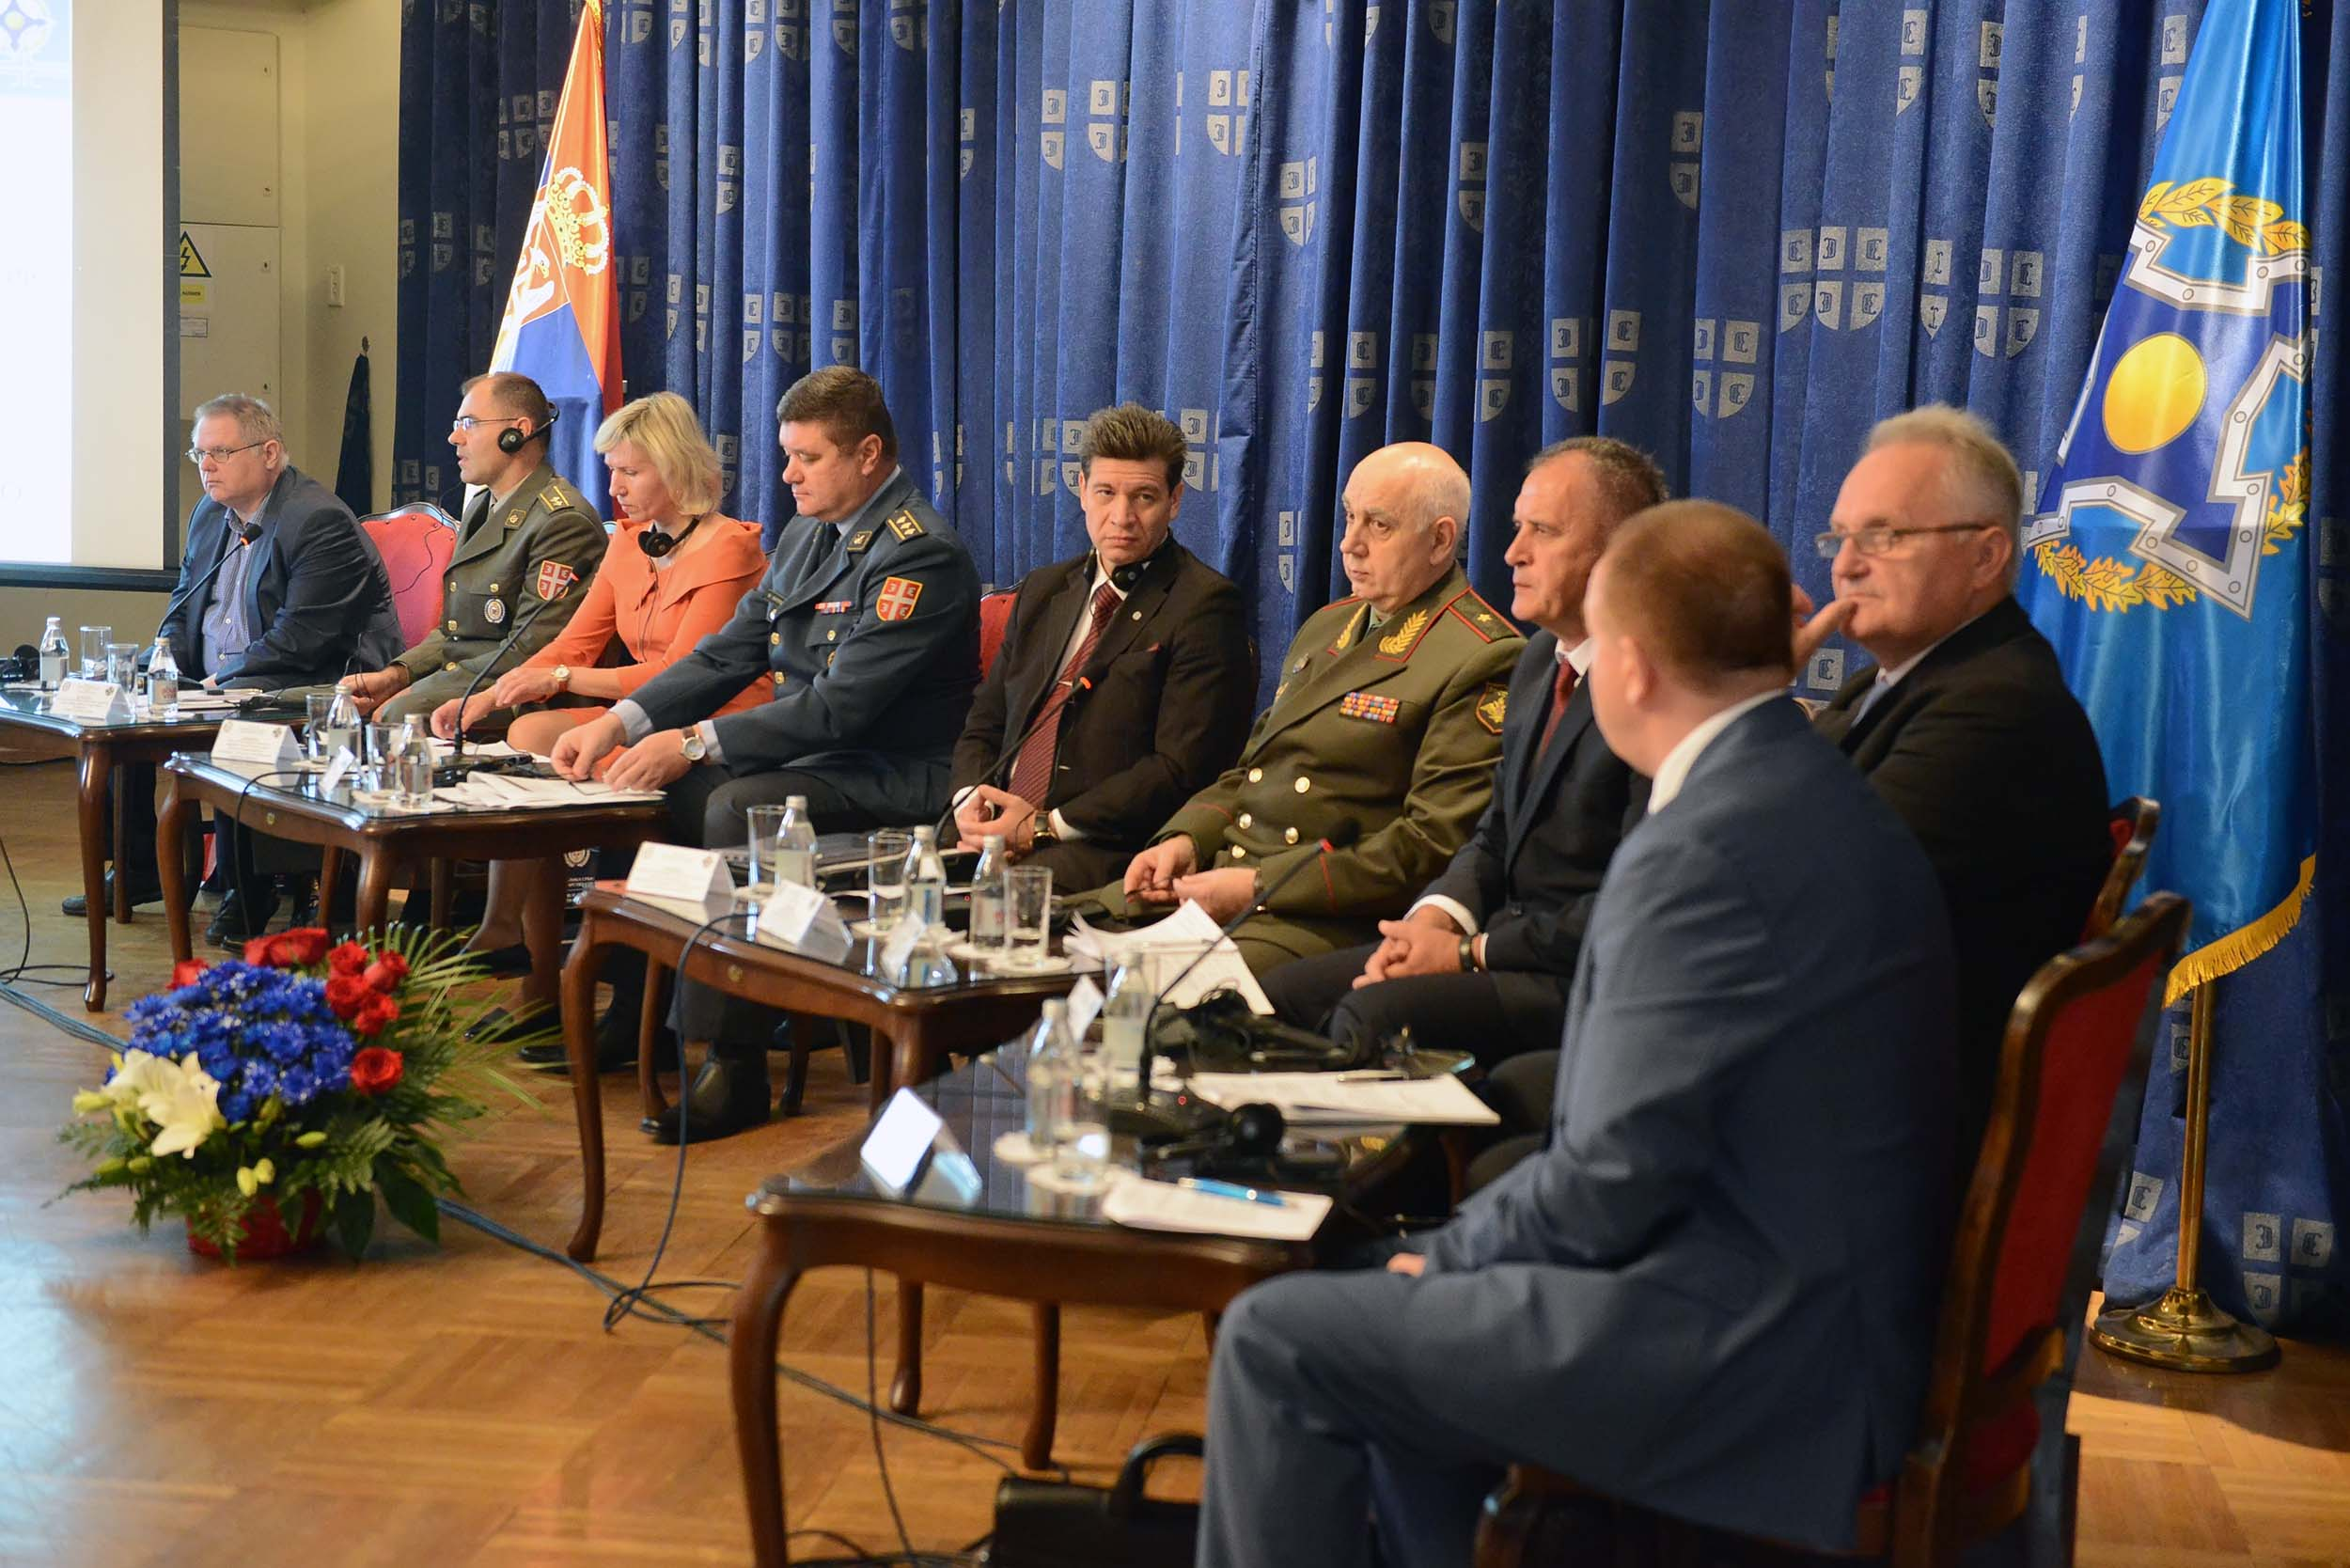 Сарадња Србије са ОДКБ један од значајних сегмената политике националне безбедности Србије